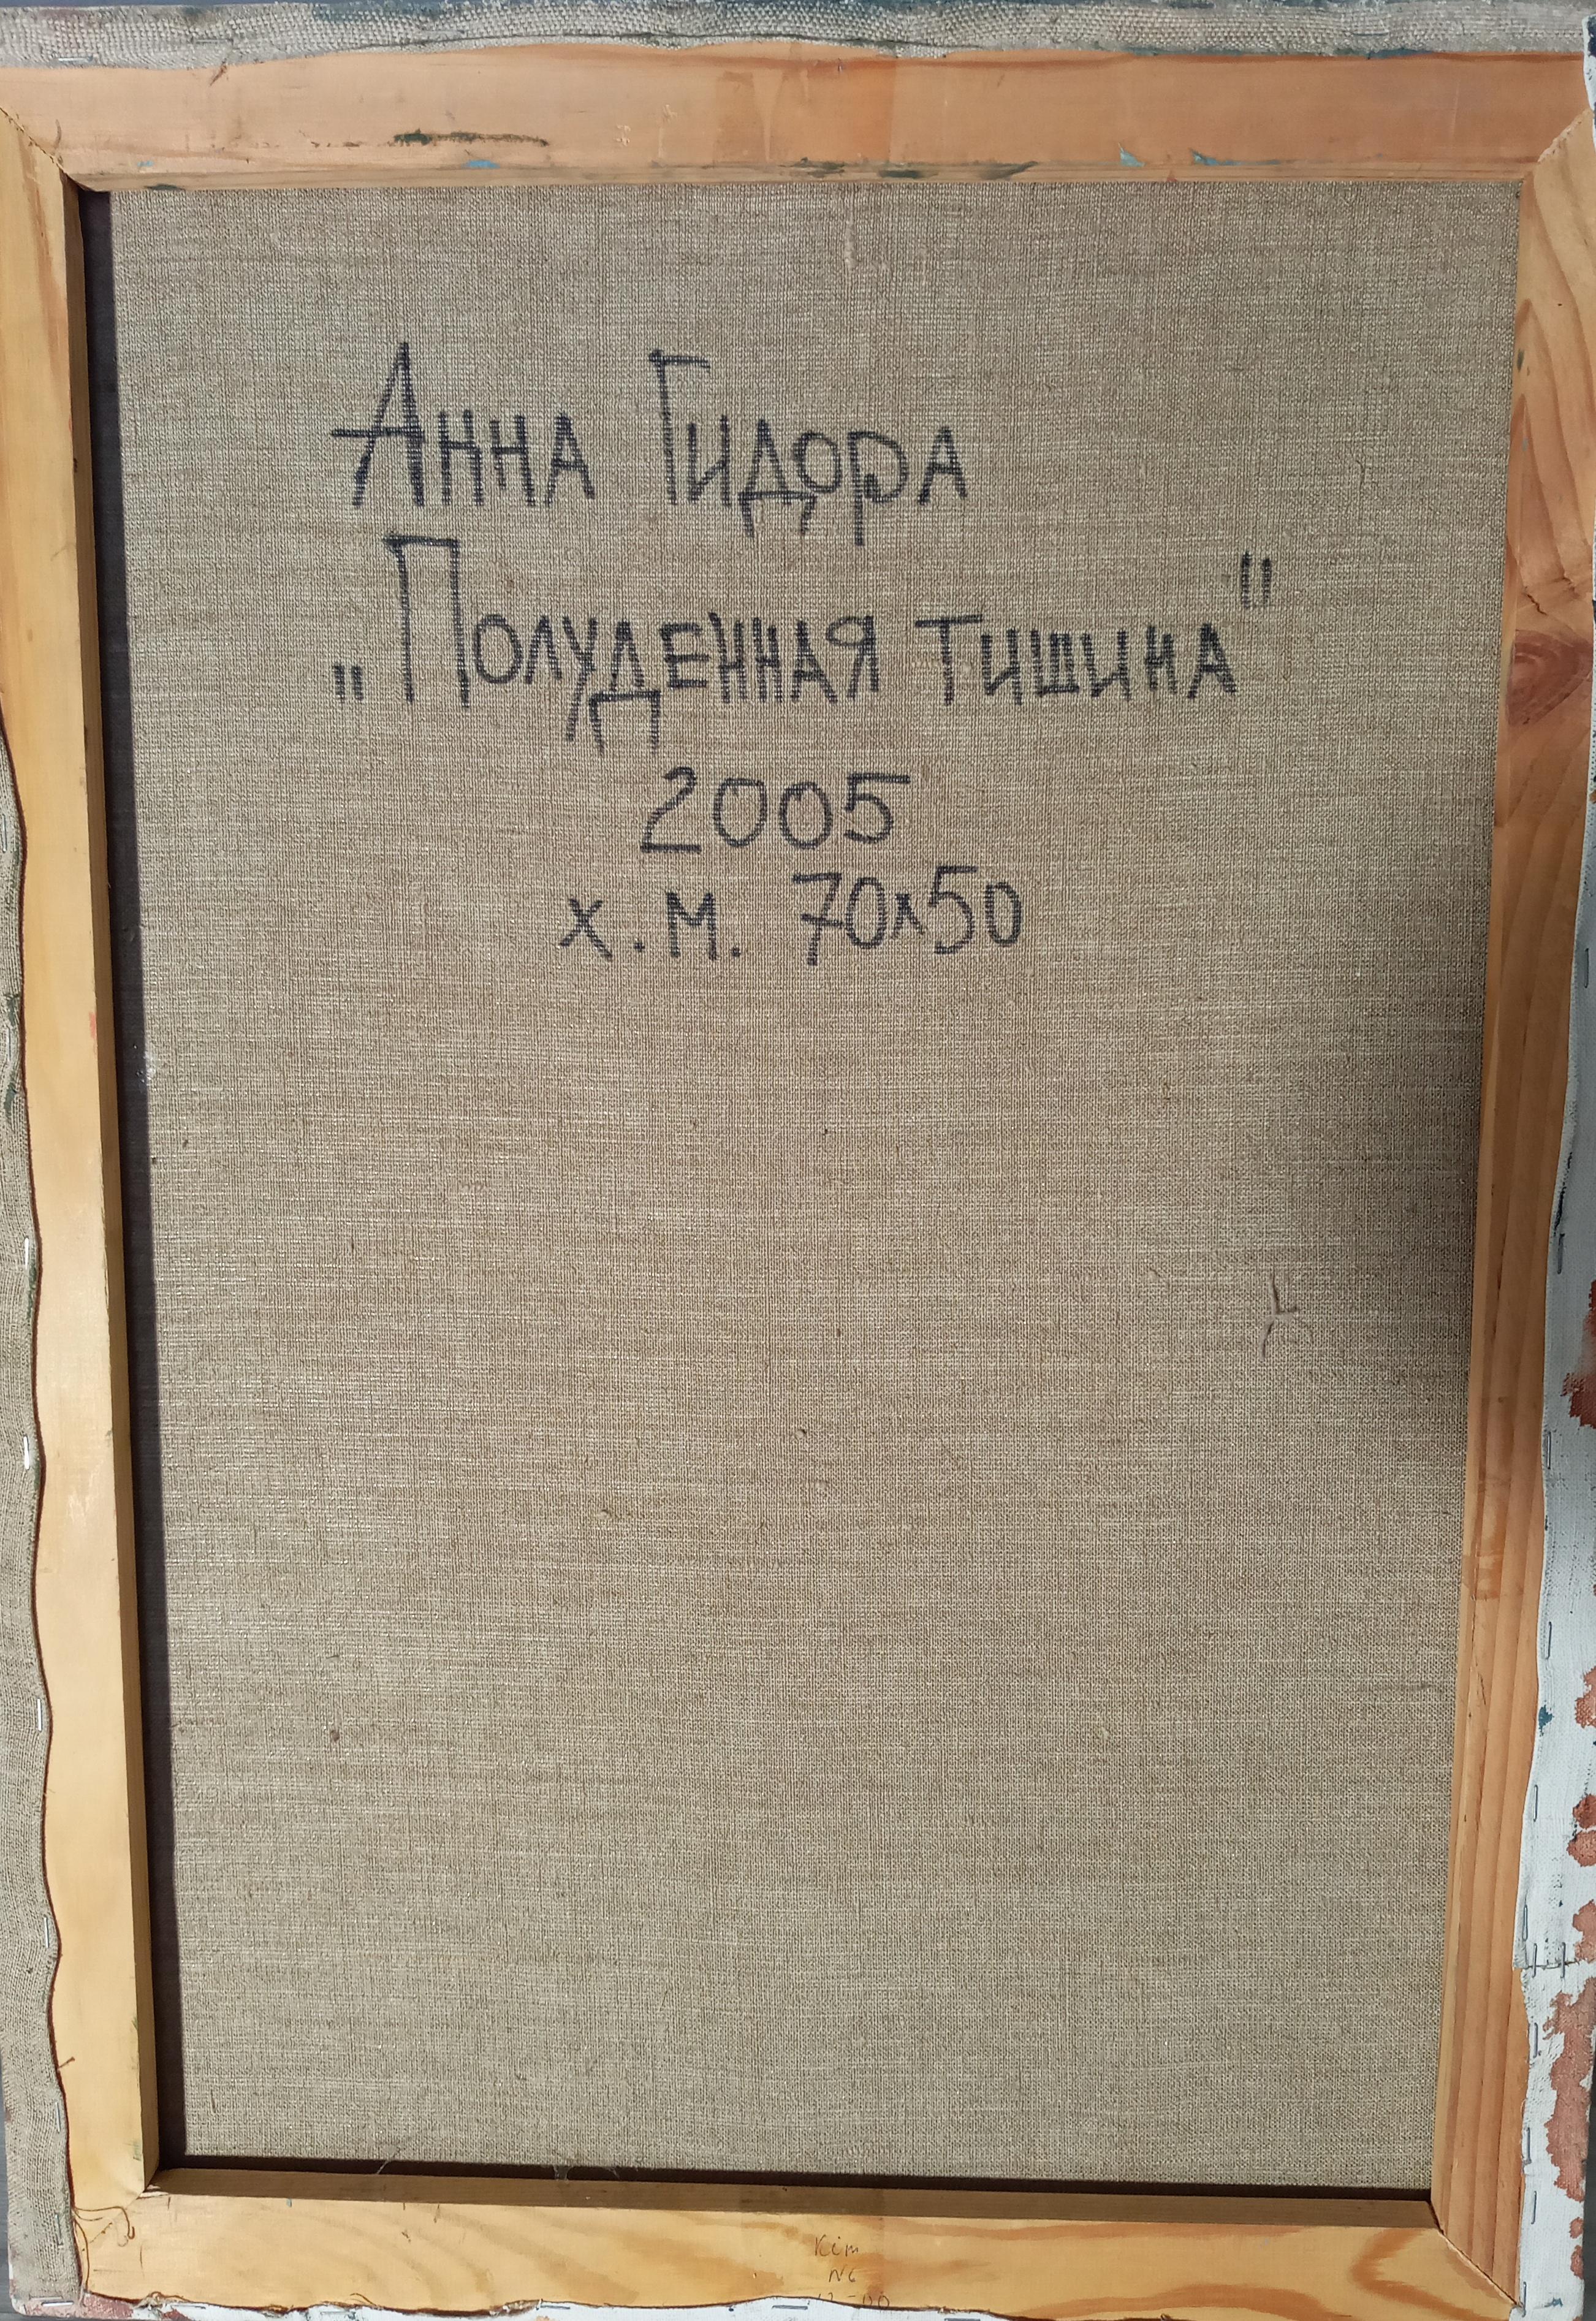 Полуденная тишина 70-50 см., холст, масло 2005 год  - 2